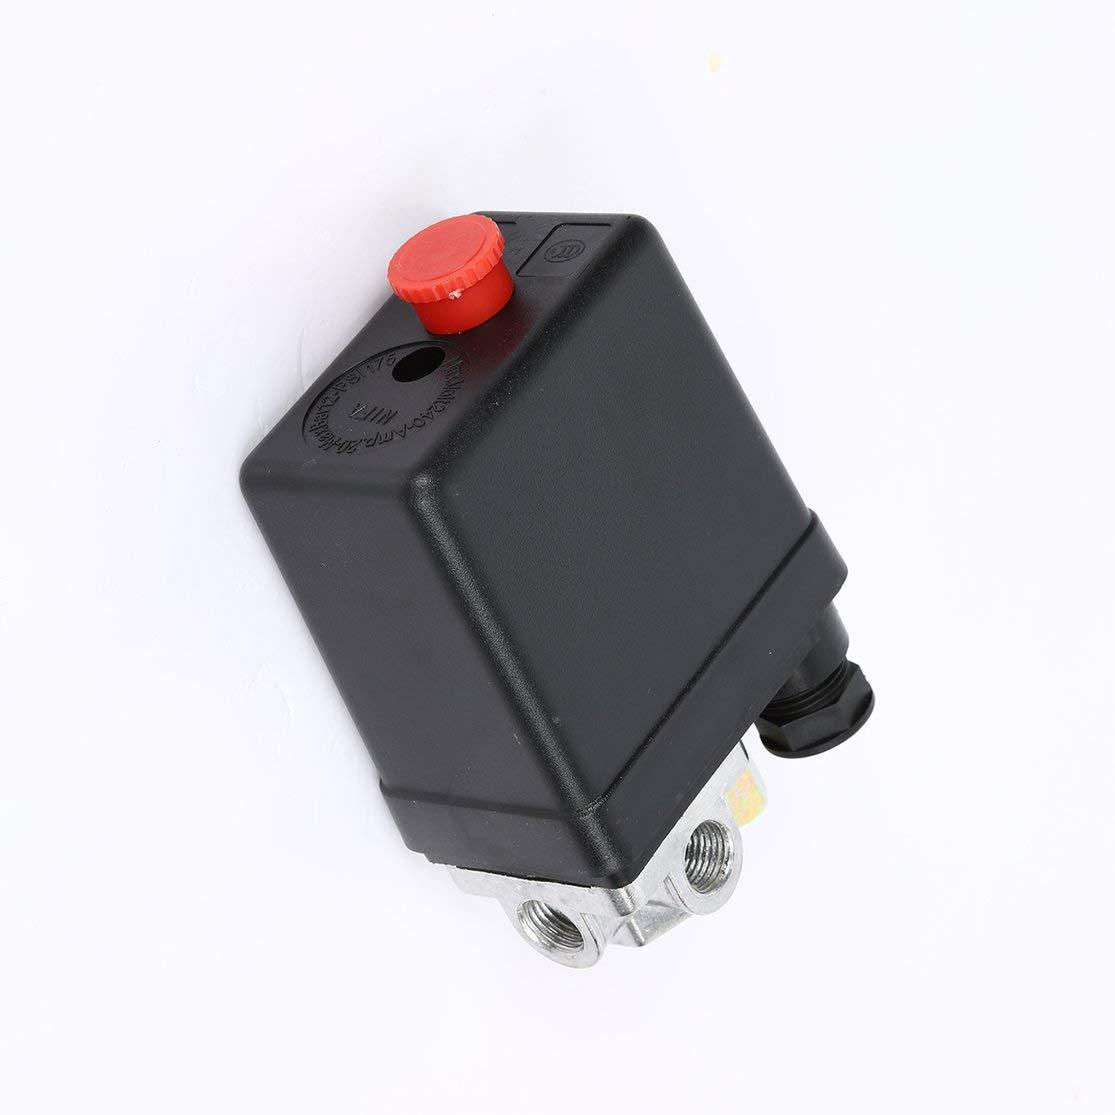 LouiseEvel215 Heavy Duty 240V 16A Auto Control Auto Load//Unload Air Compressor Pressure Switch Control Valve 90 PSI 120 PSI